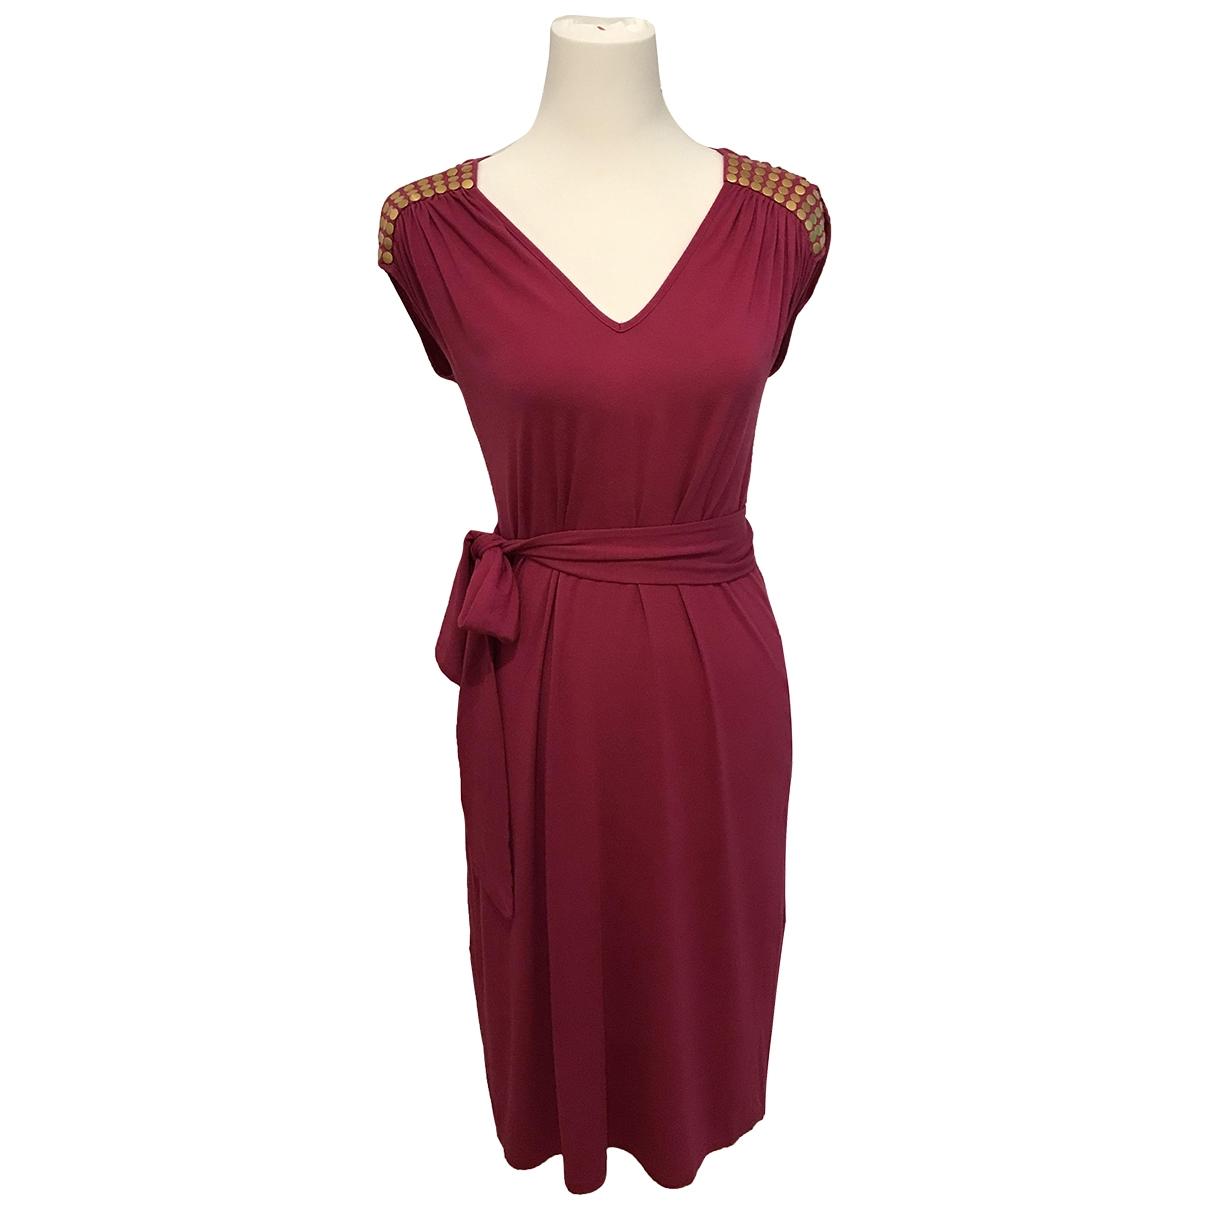 Melissa Odabash \N Kleid in  Rosa Baumwolle